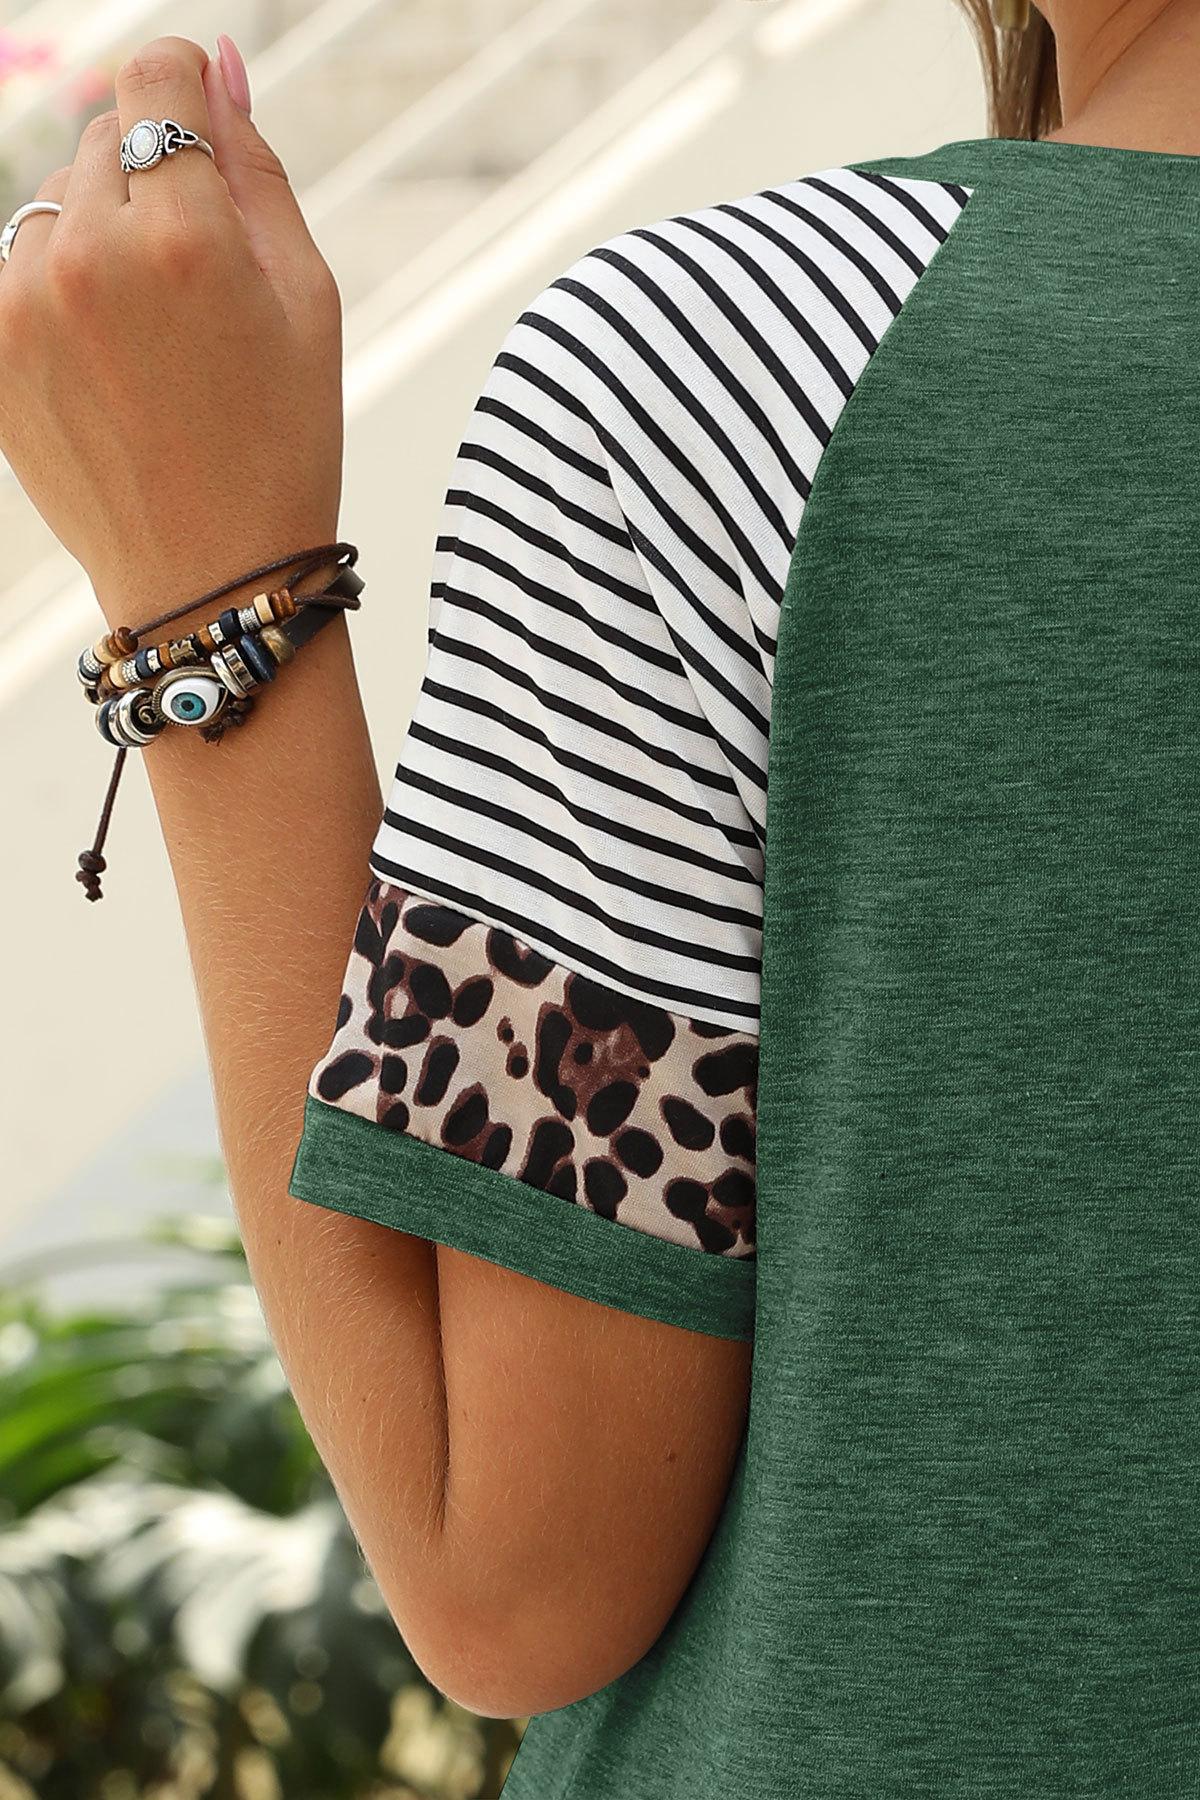 Sommer 2020 Kvinner Kortermet T-skjorter O-hals Leopard Print Topper Mote Avslappet Kvinner Streetwear skjorte Løse damer T-skjorter